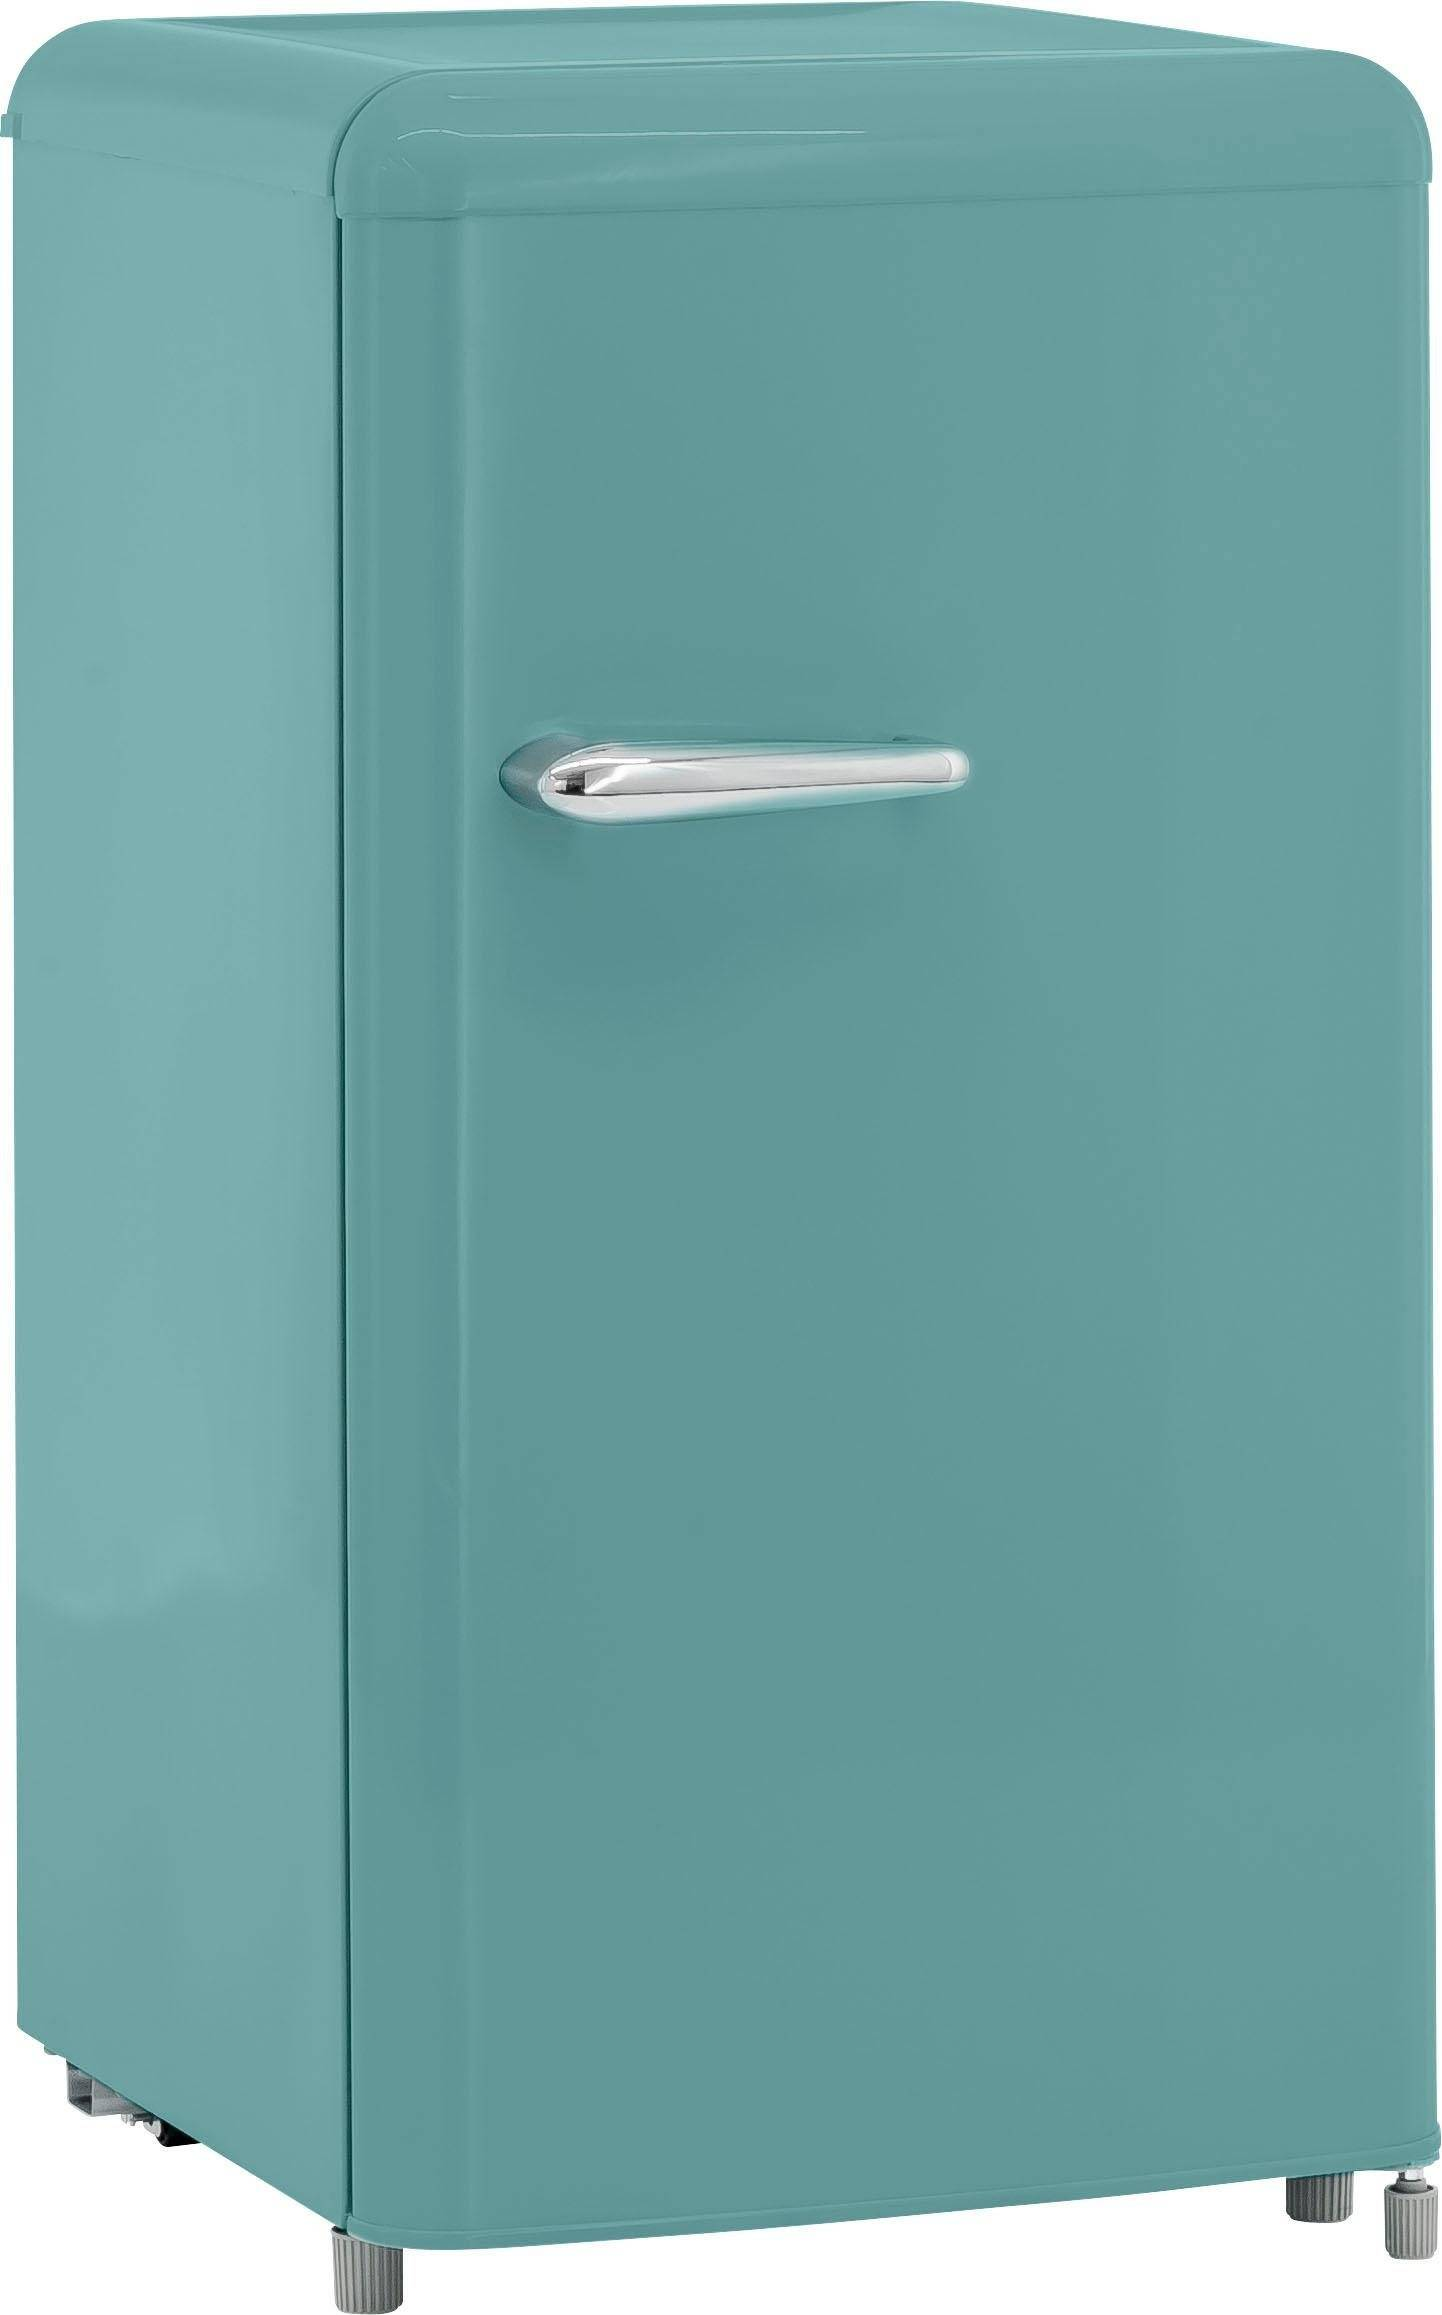 exquisit Table Top Kühlschrank RKS 100-16 RVA++ TB, 90,5 cm hoch, 48 cm breit, Retro, taubenblau, Energieeffizienzklasse A++